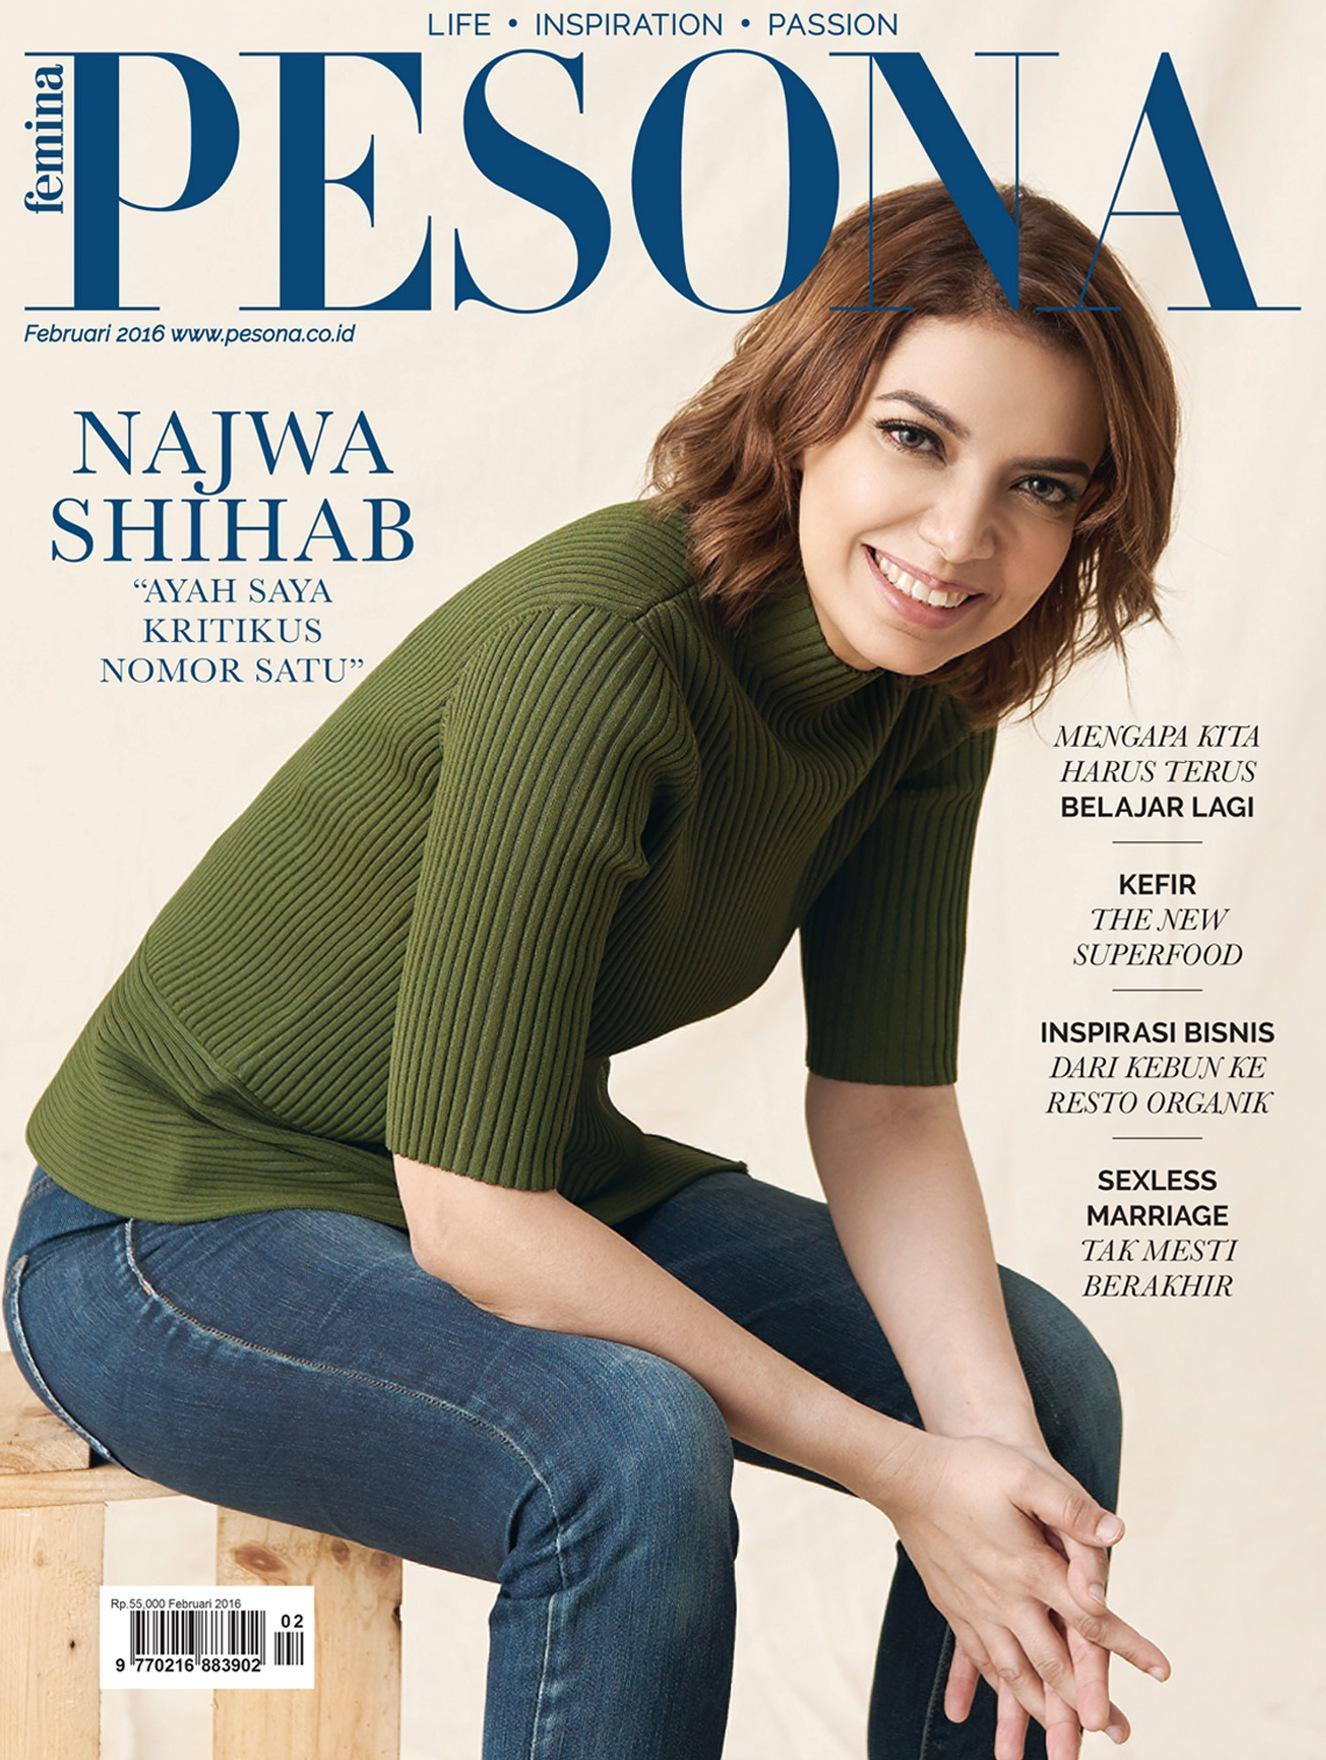 Majalah Pesona edisi Februari 2016